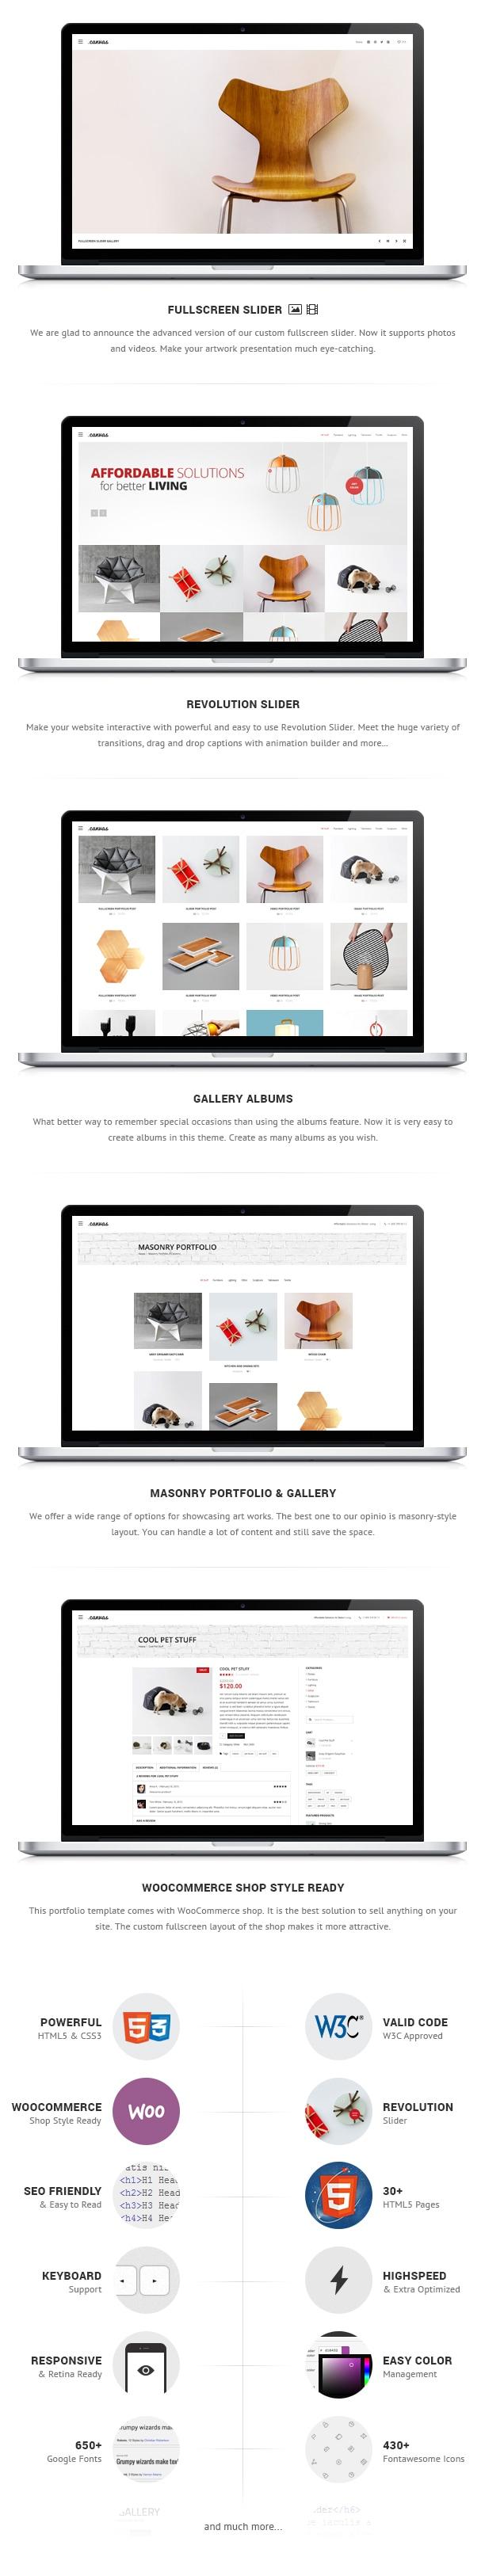 Canvas Interior & Furniture Portfolio Template - 2